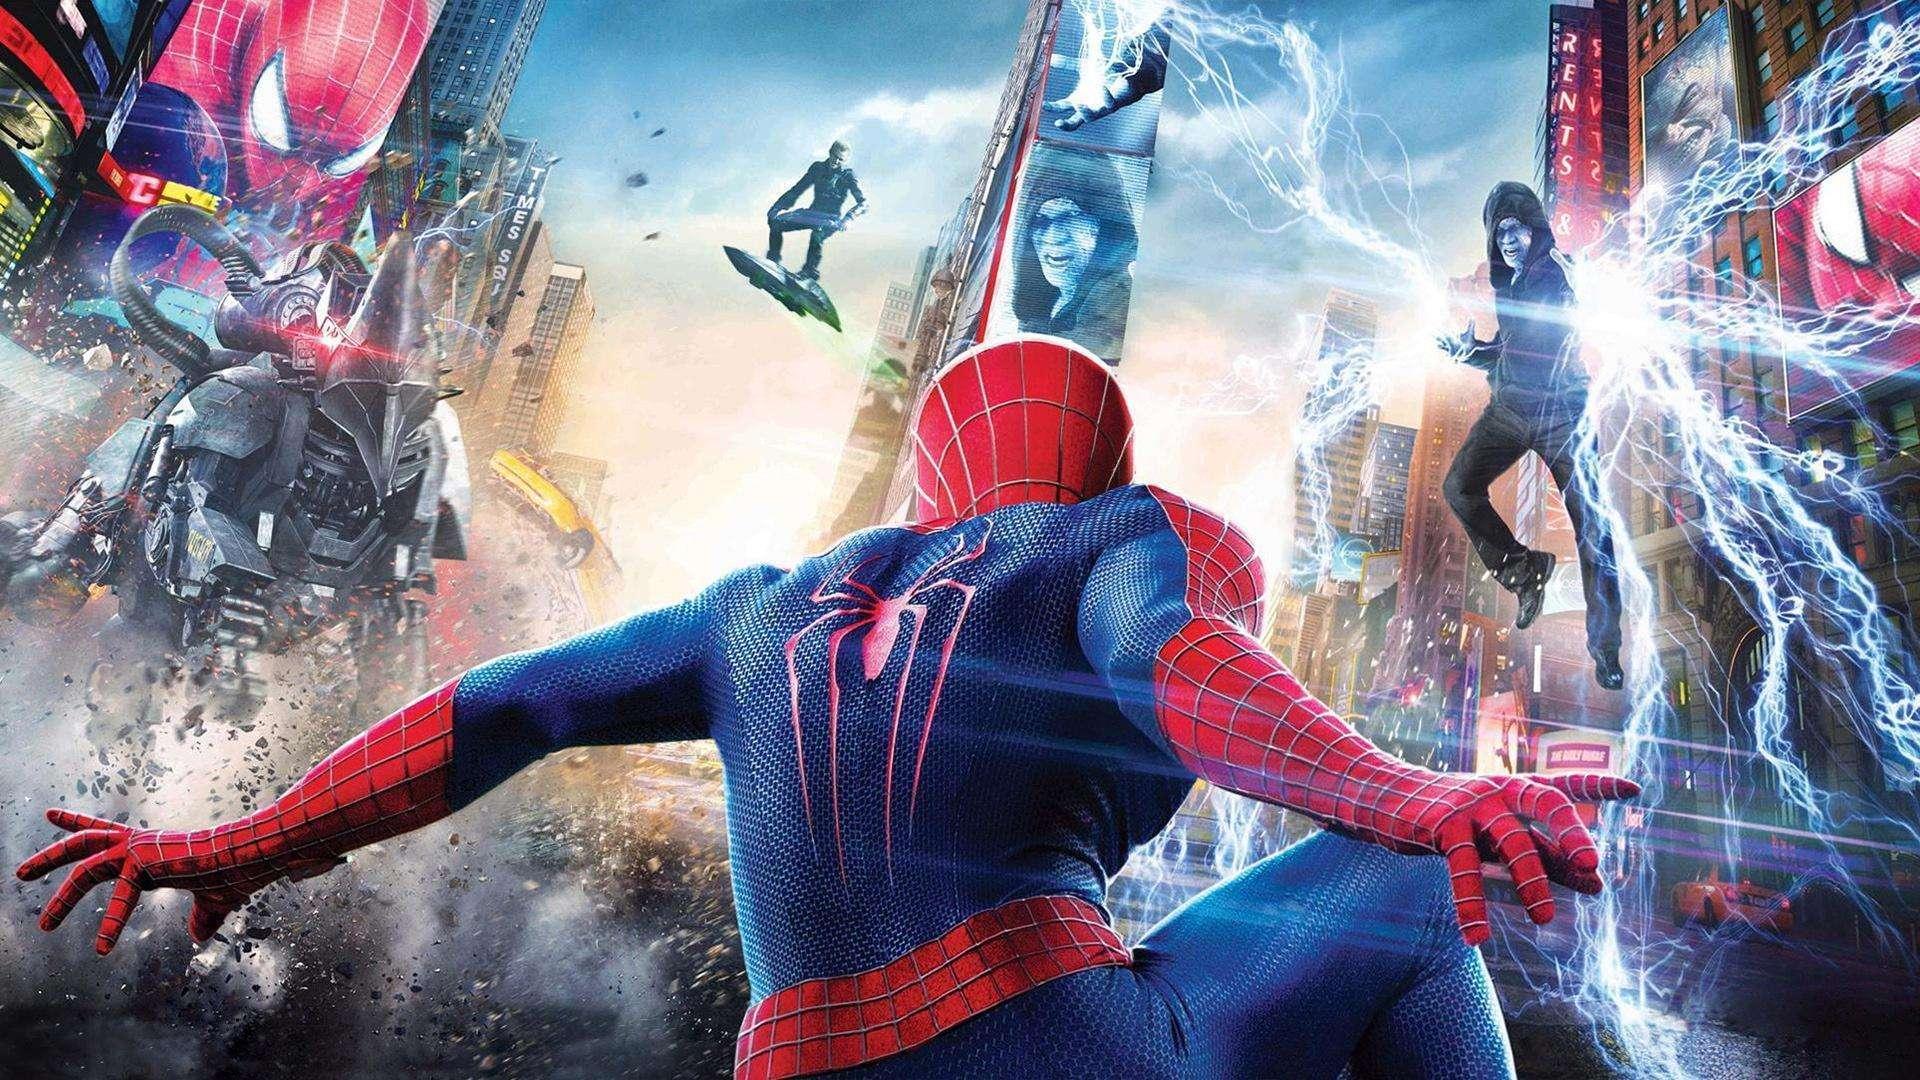 蜘蛛侠,那是第一次看这种美国超级英雄电影,天呐,真是太好看了,小时候